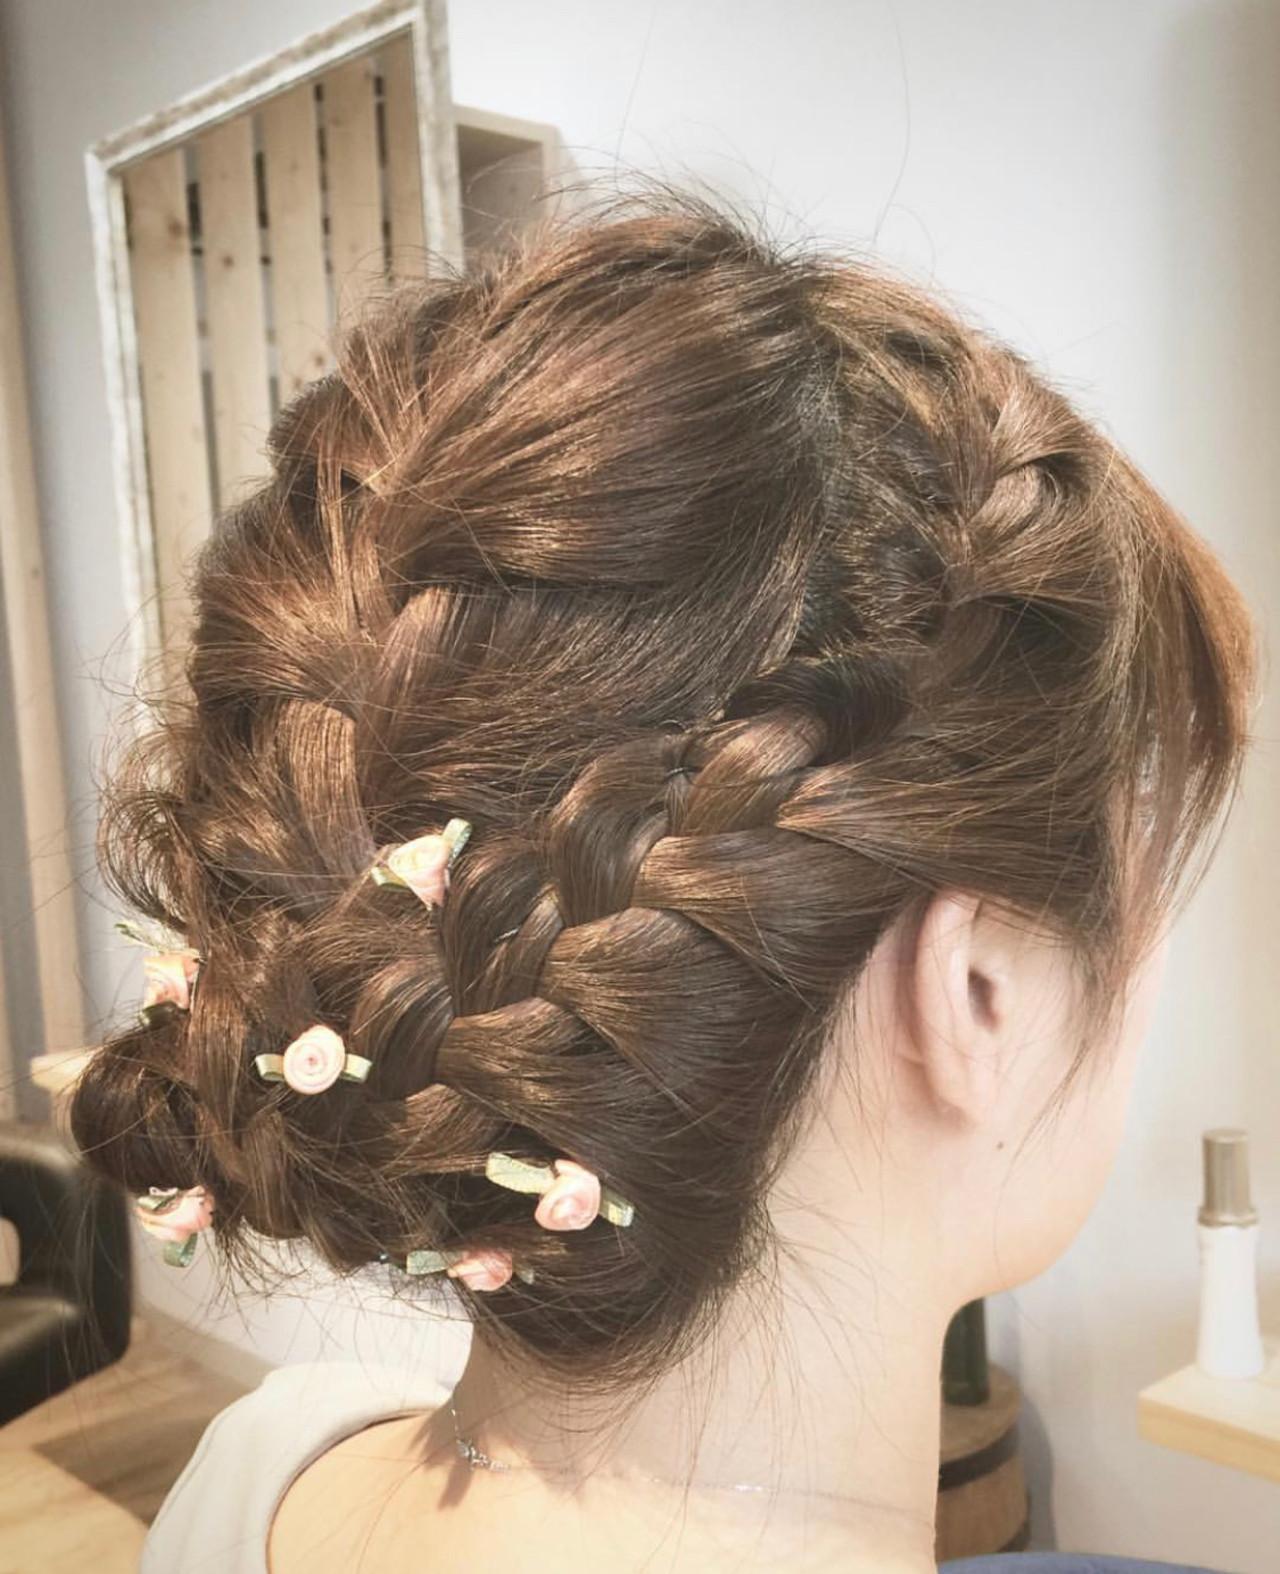 ミディアム 簡単ヘアアレンジ エレガント 結婚式ヘアスタイルや髪型の写真・画像